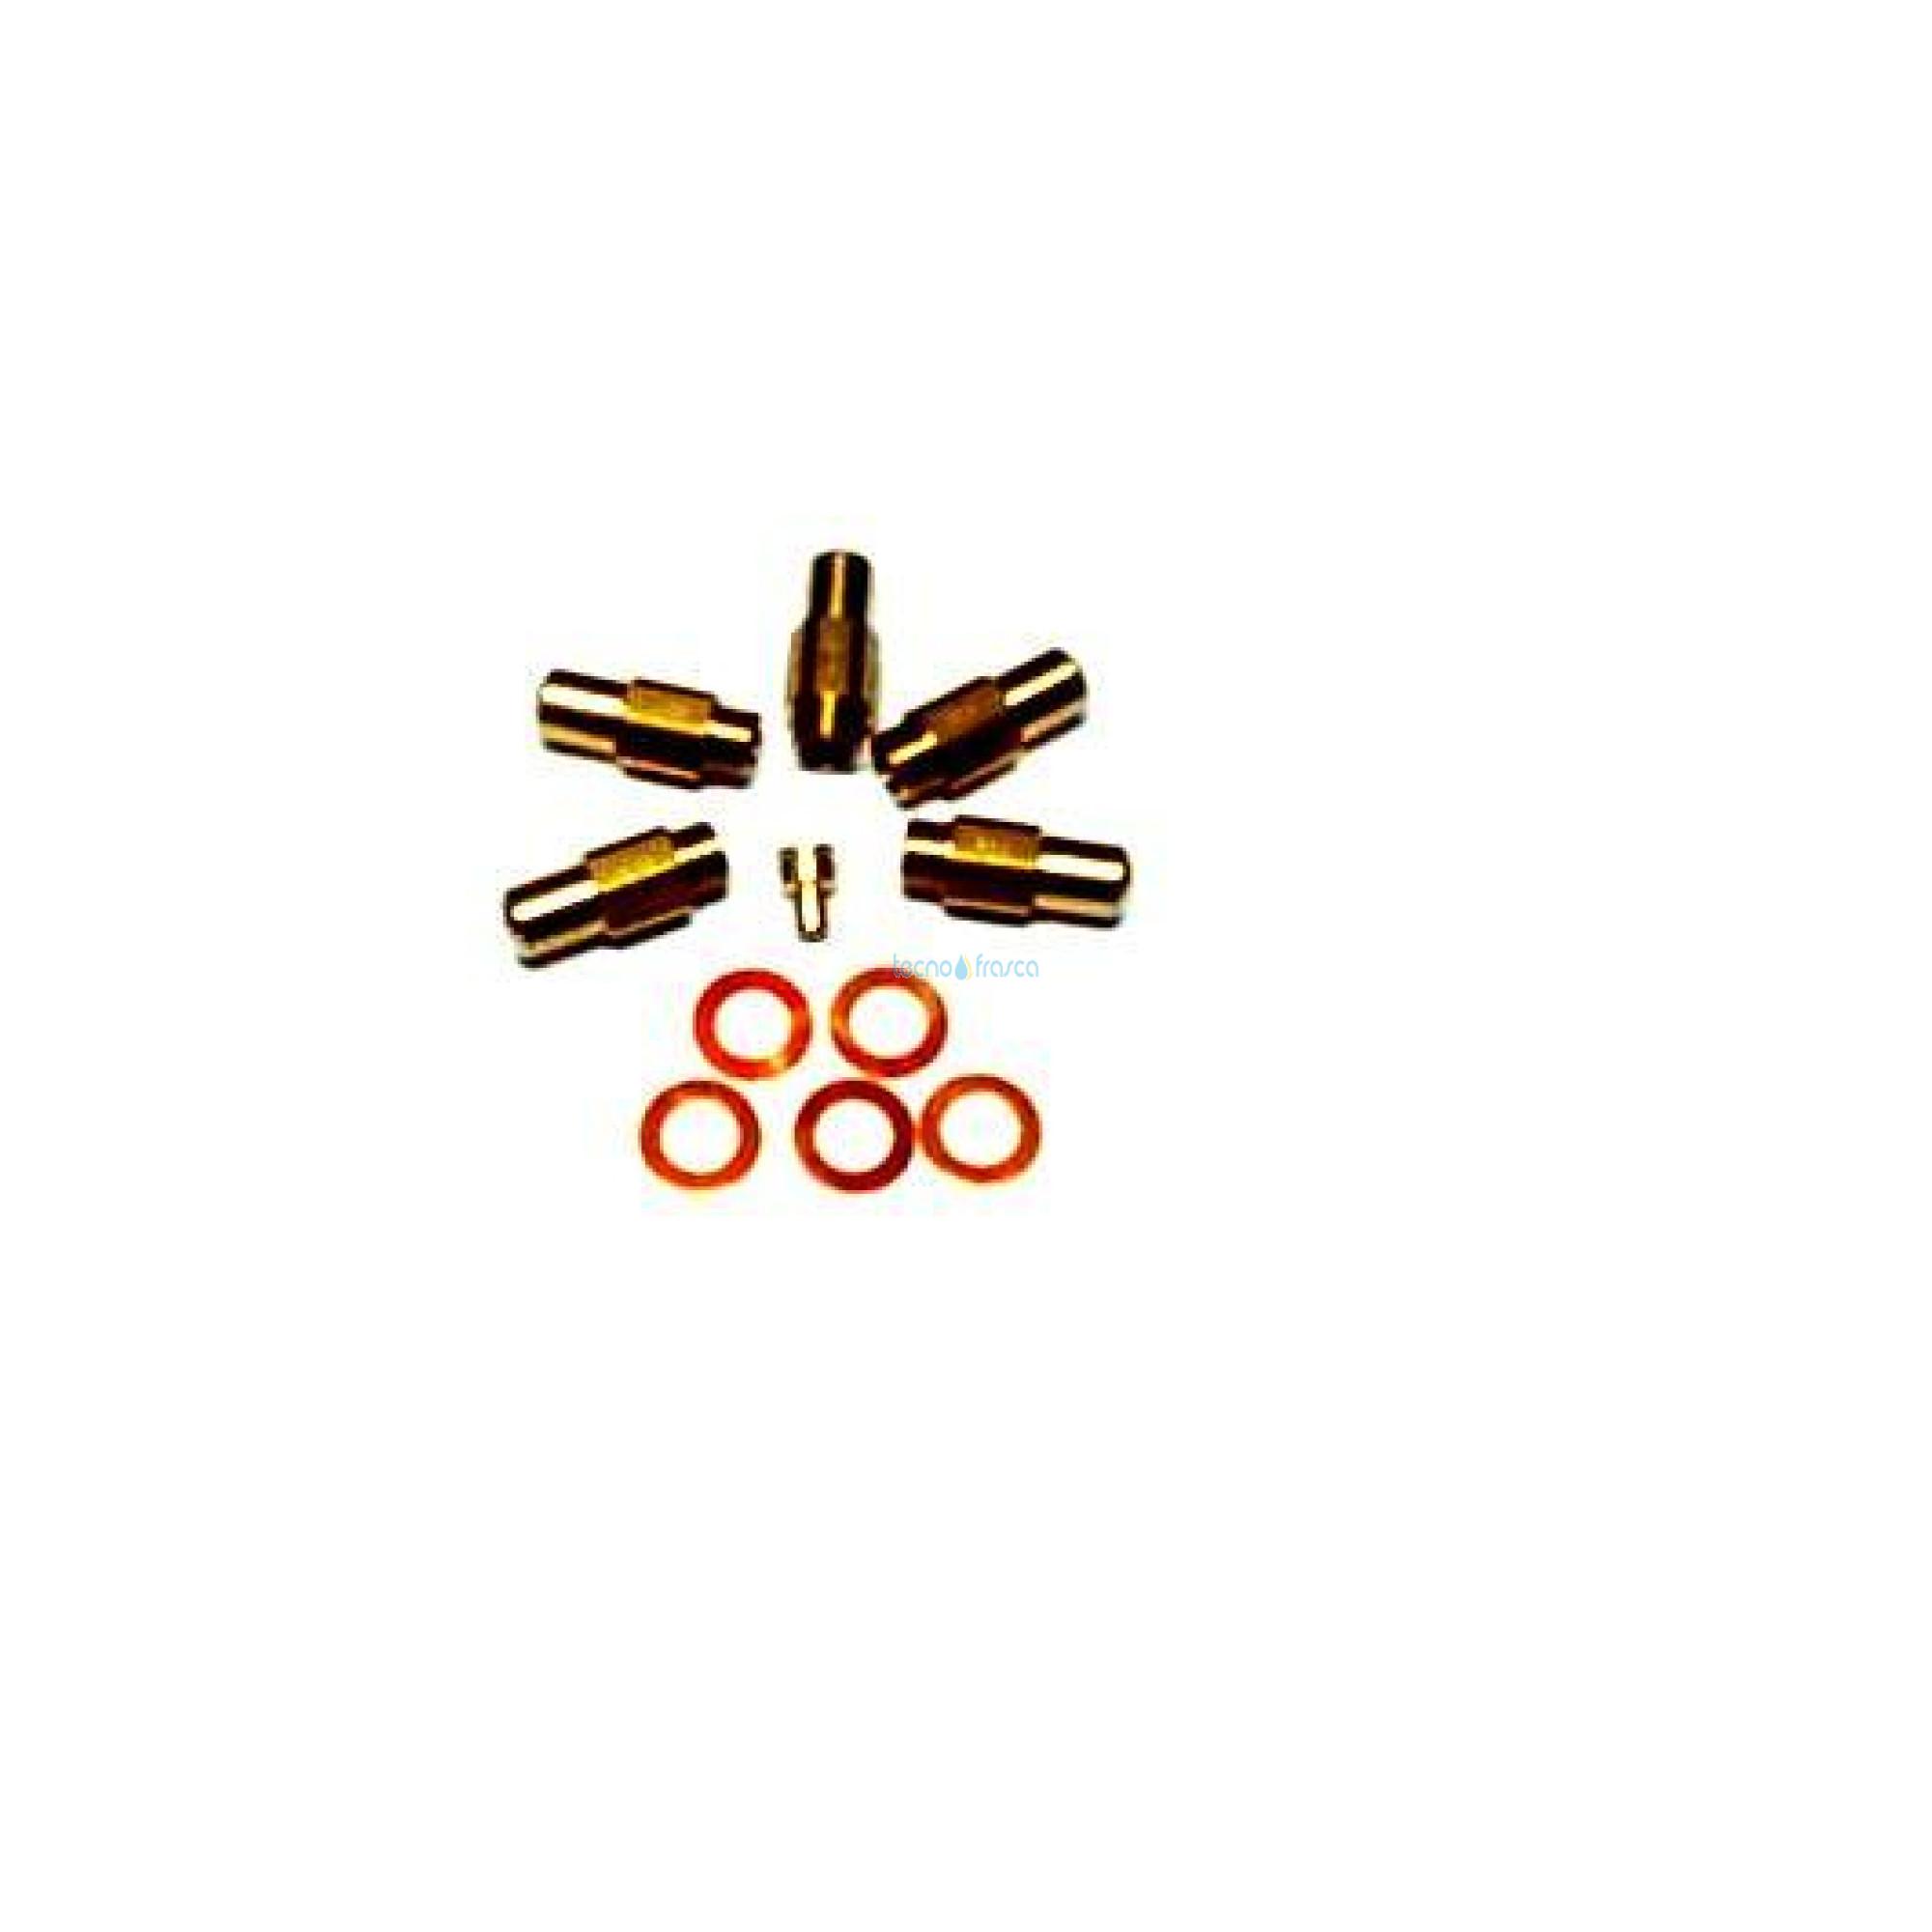 Ferroli kit 5 ugelli 3.50 39819180